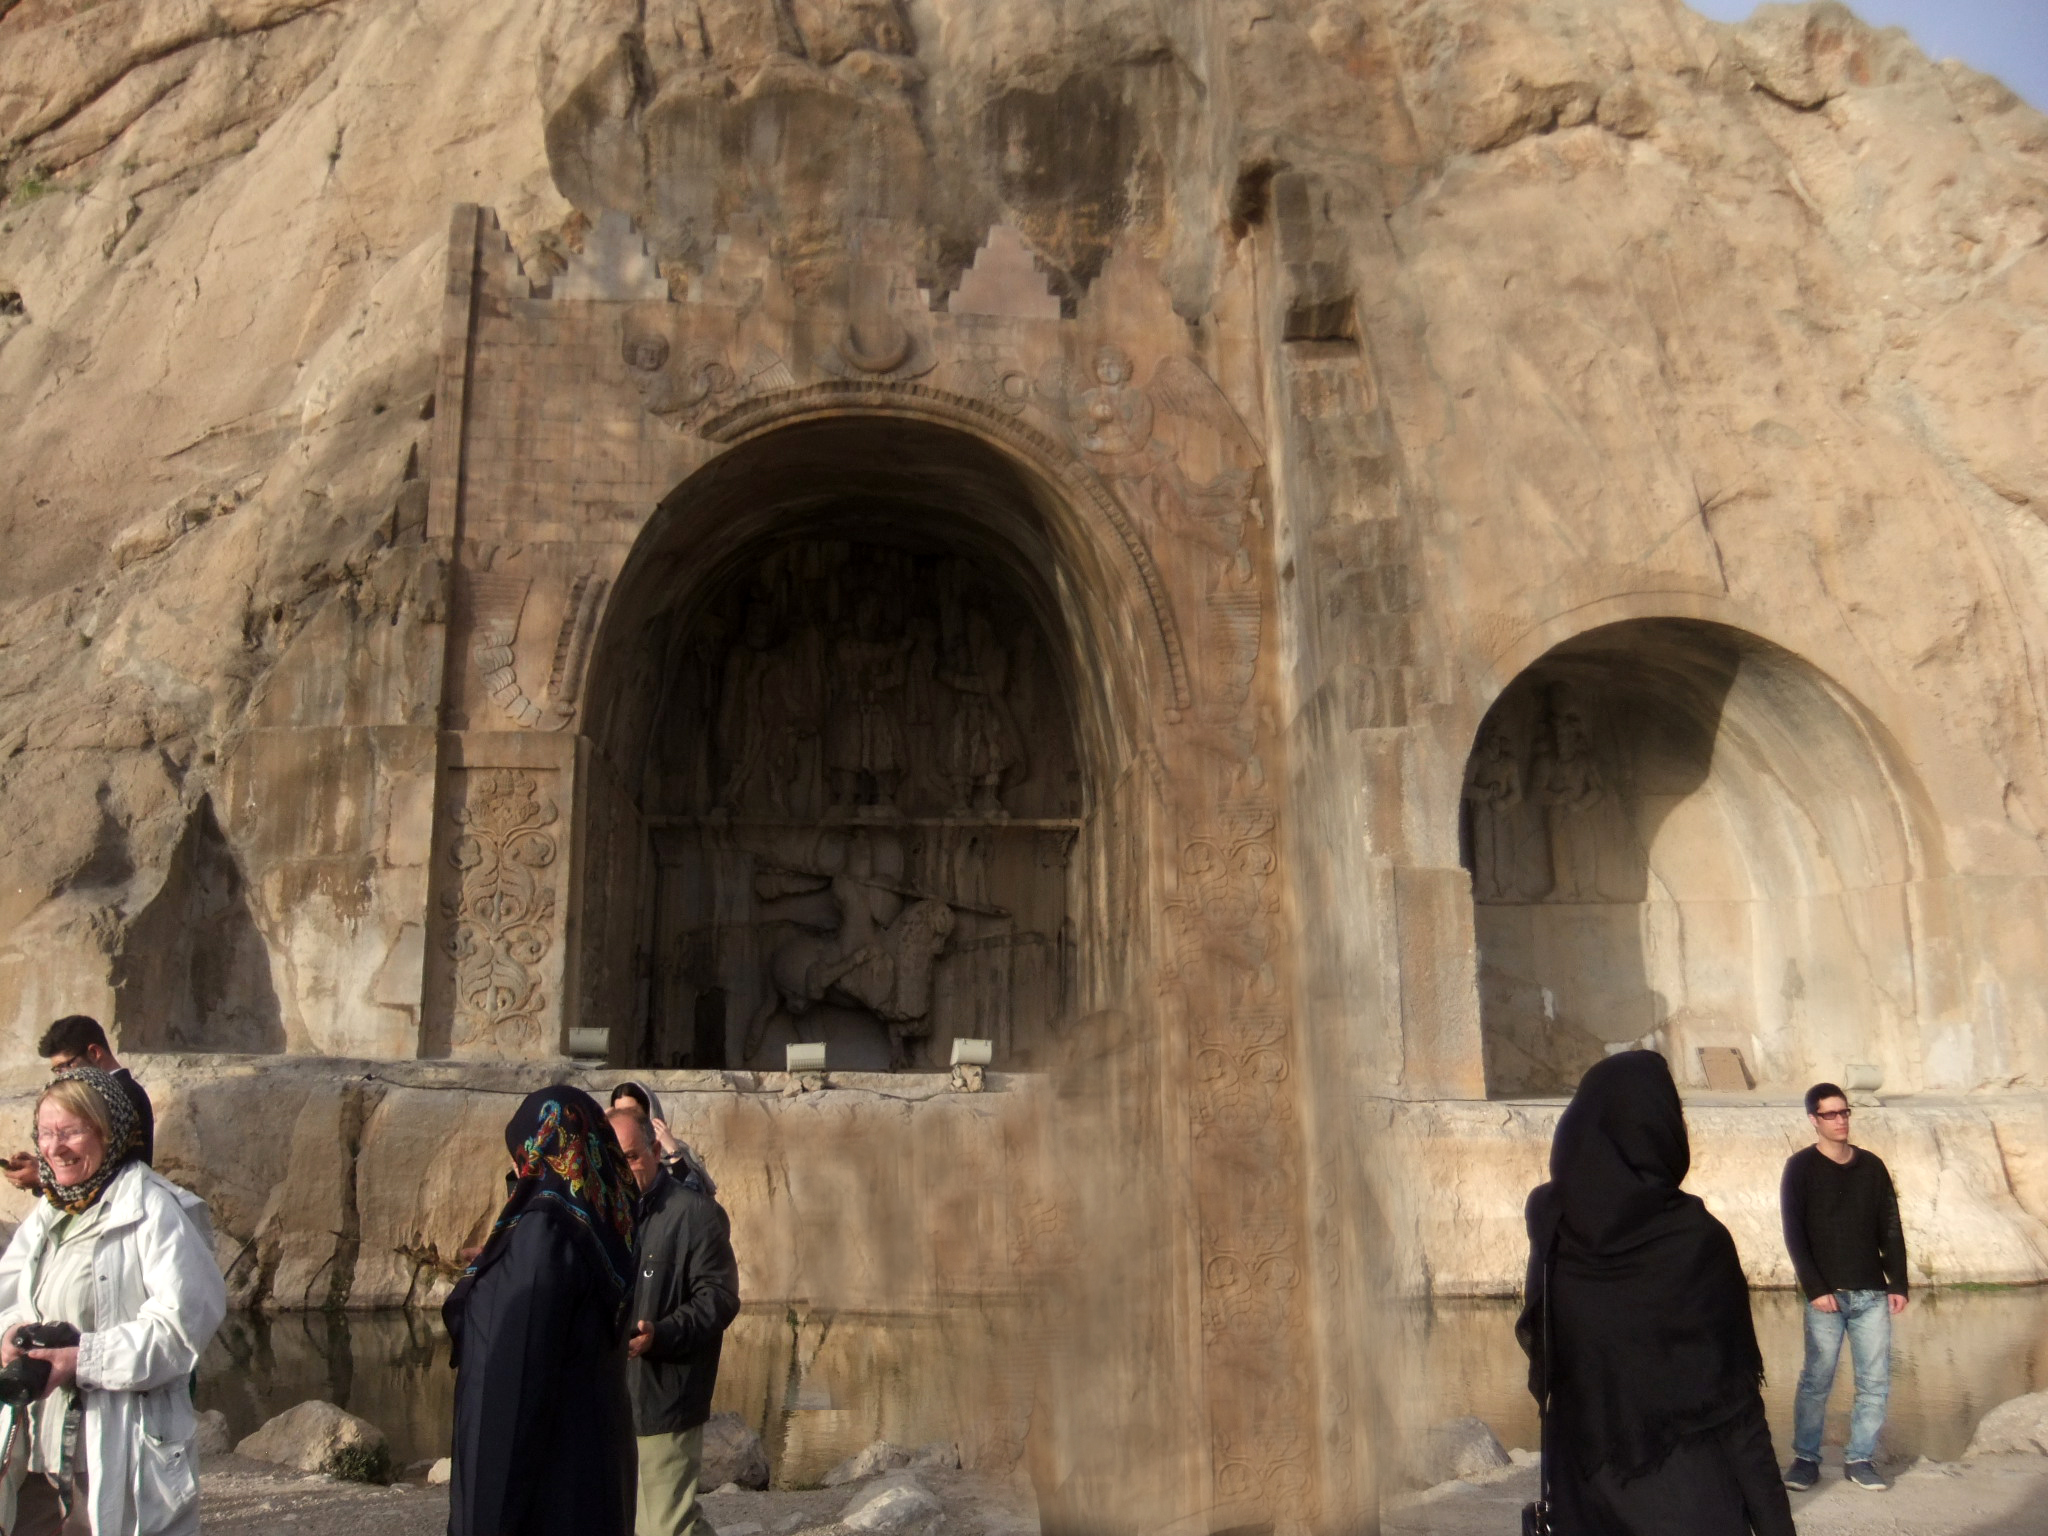 Eein kunstvolles Ausflugsziel, die Grotten von Taq-e Bostan, Iran